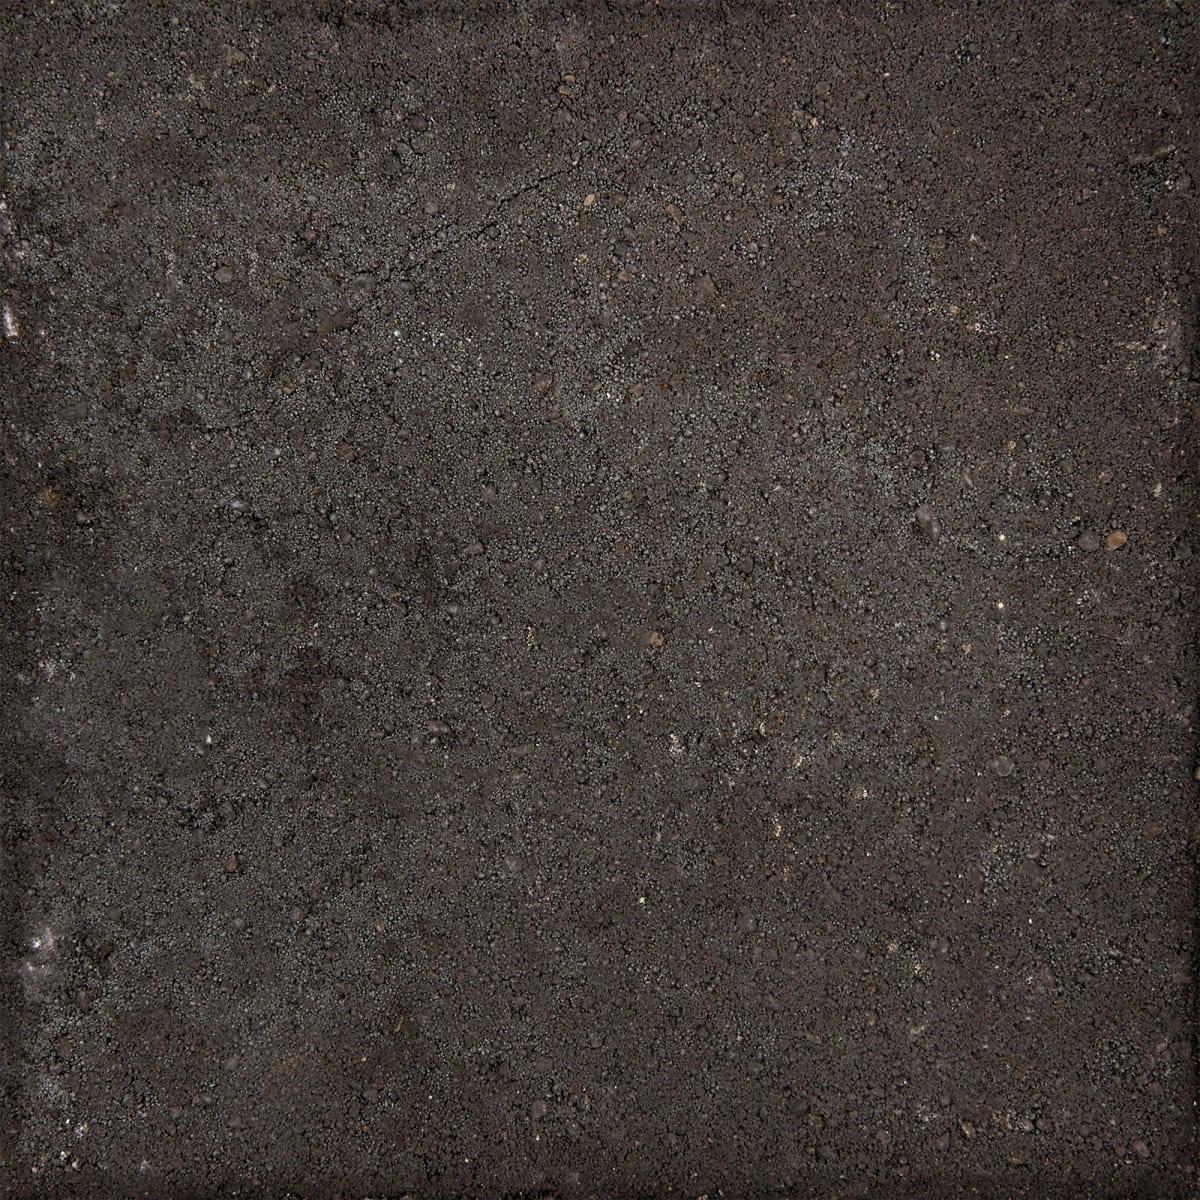 Плитка тротуарная вибропрессованная, 300x300x60 мм, цвет коричневый